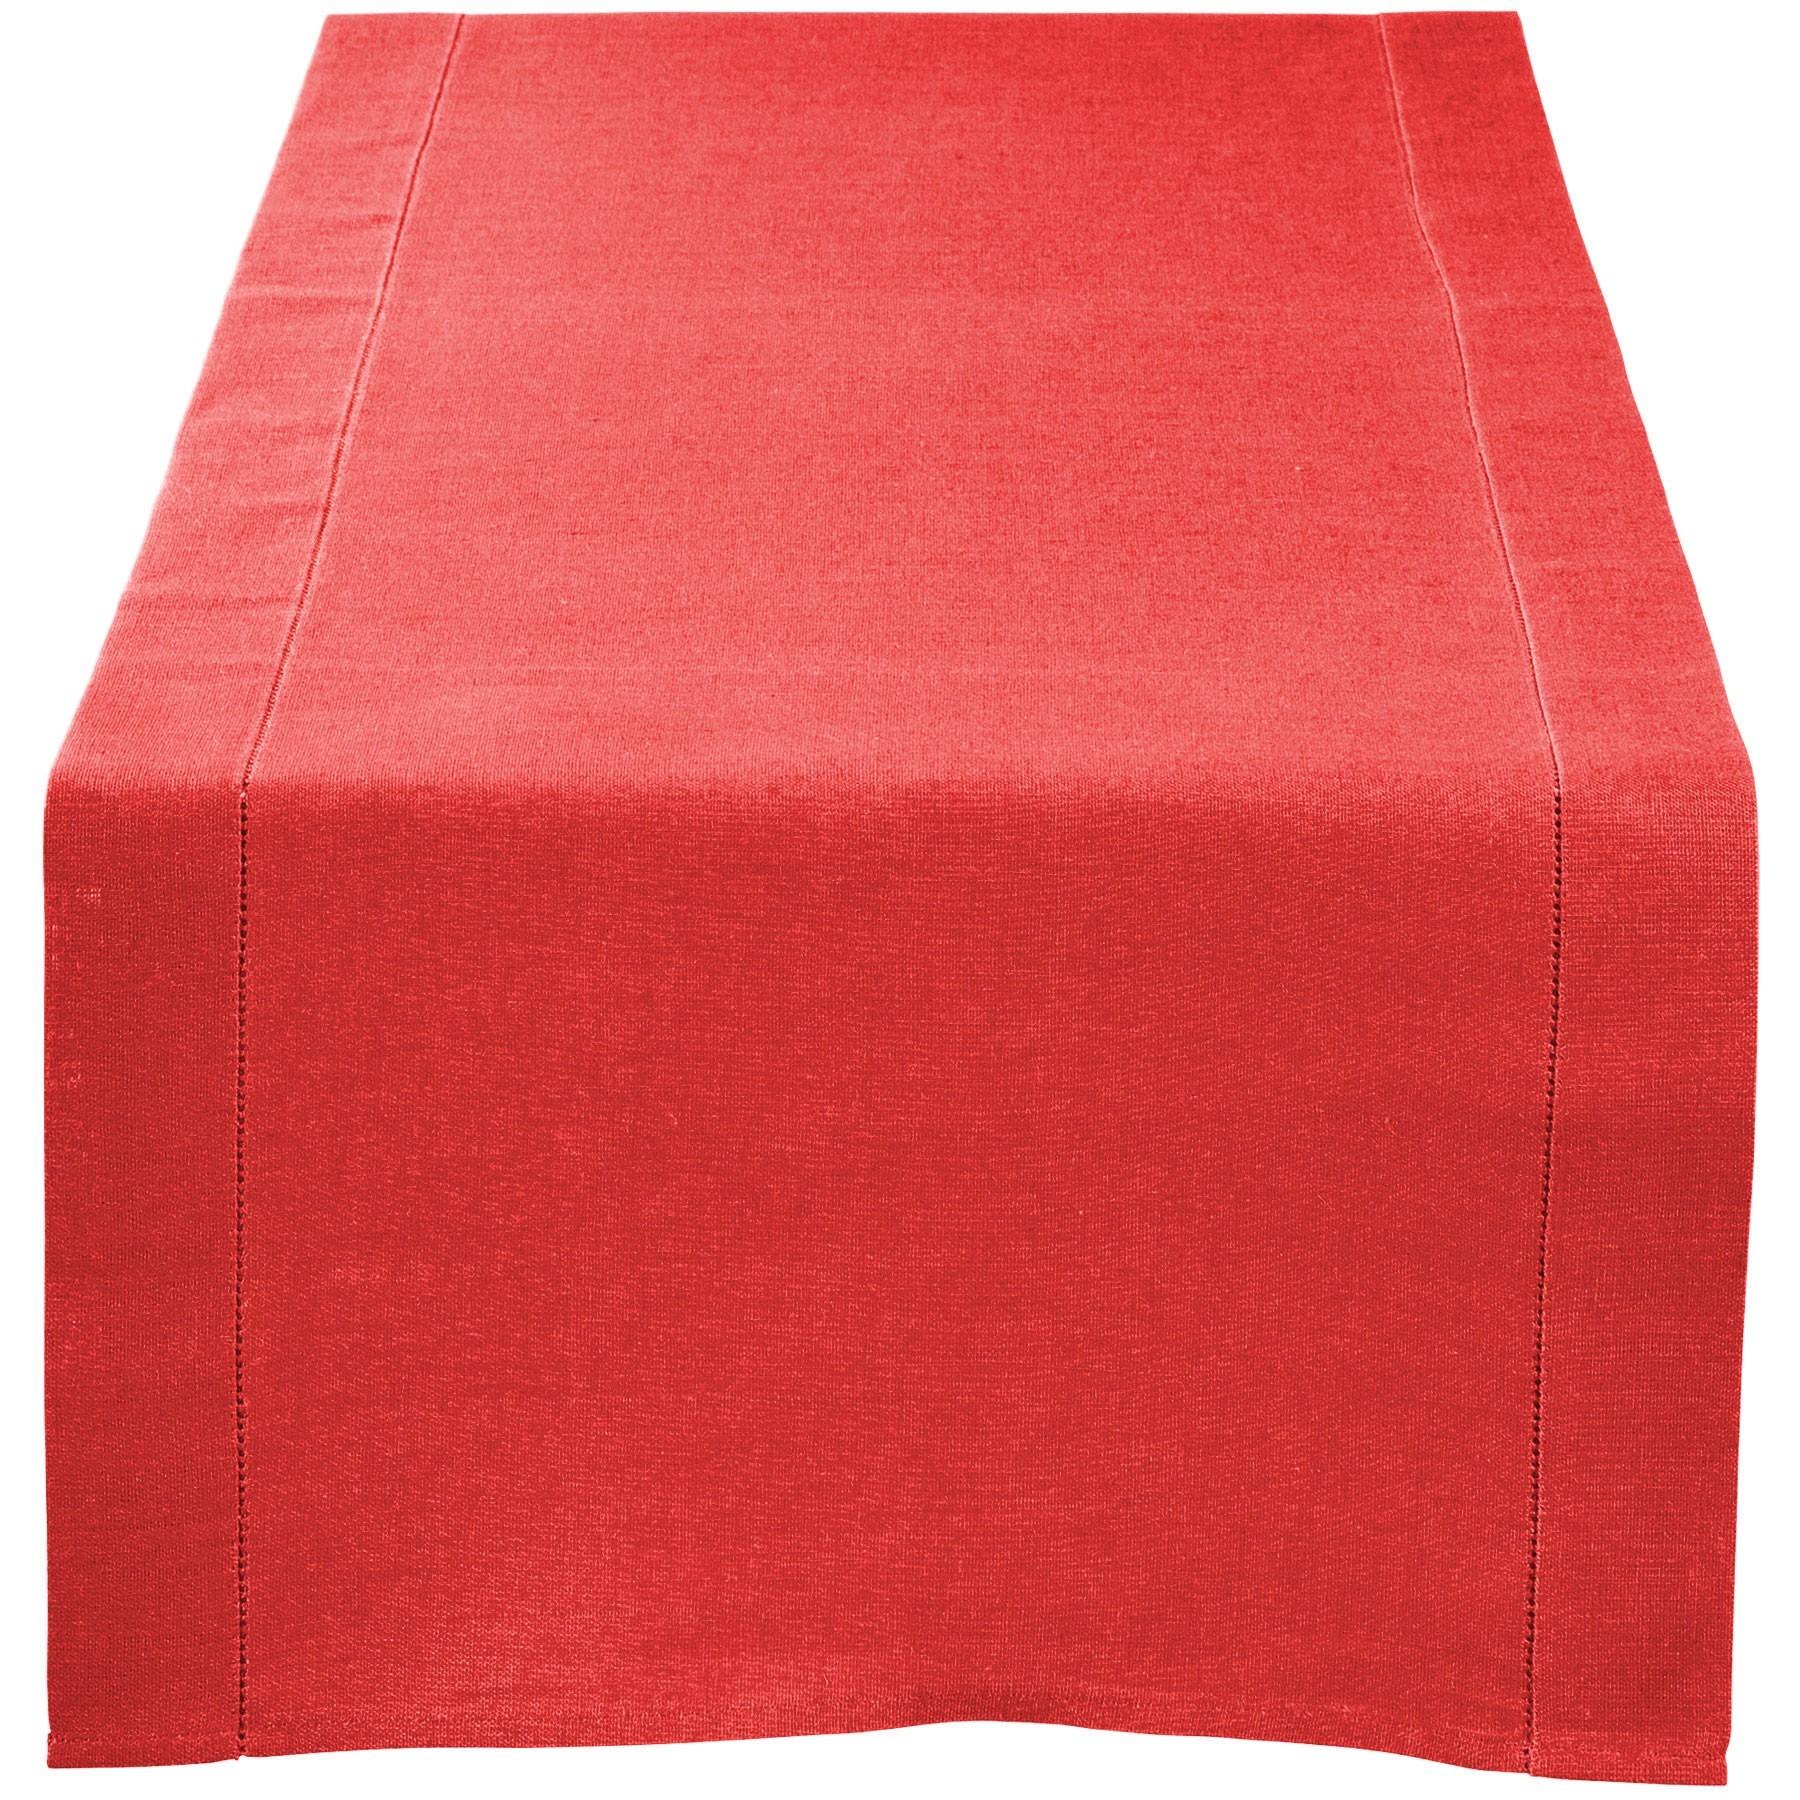 TABLE RUNNER <br />grenadine